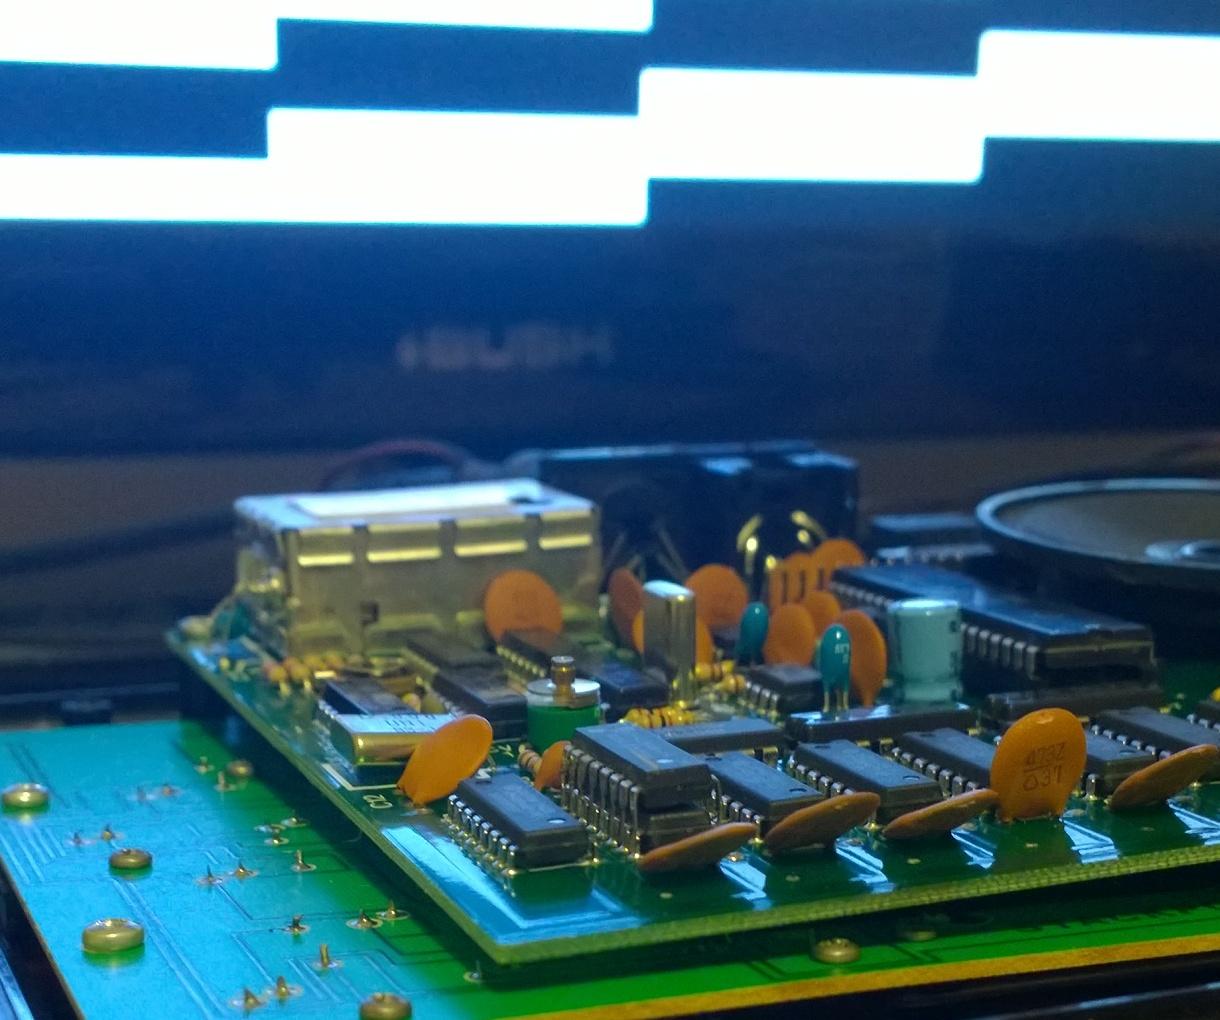 Oric Atmos memory repair